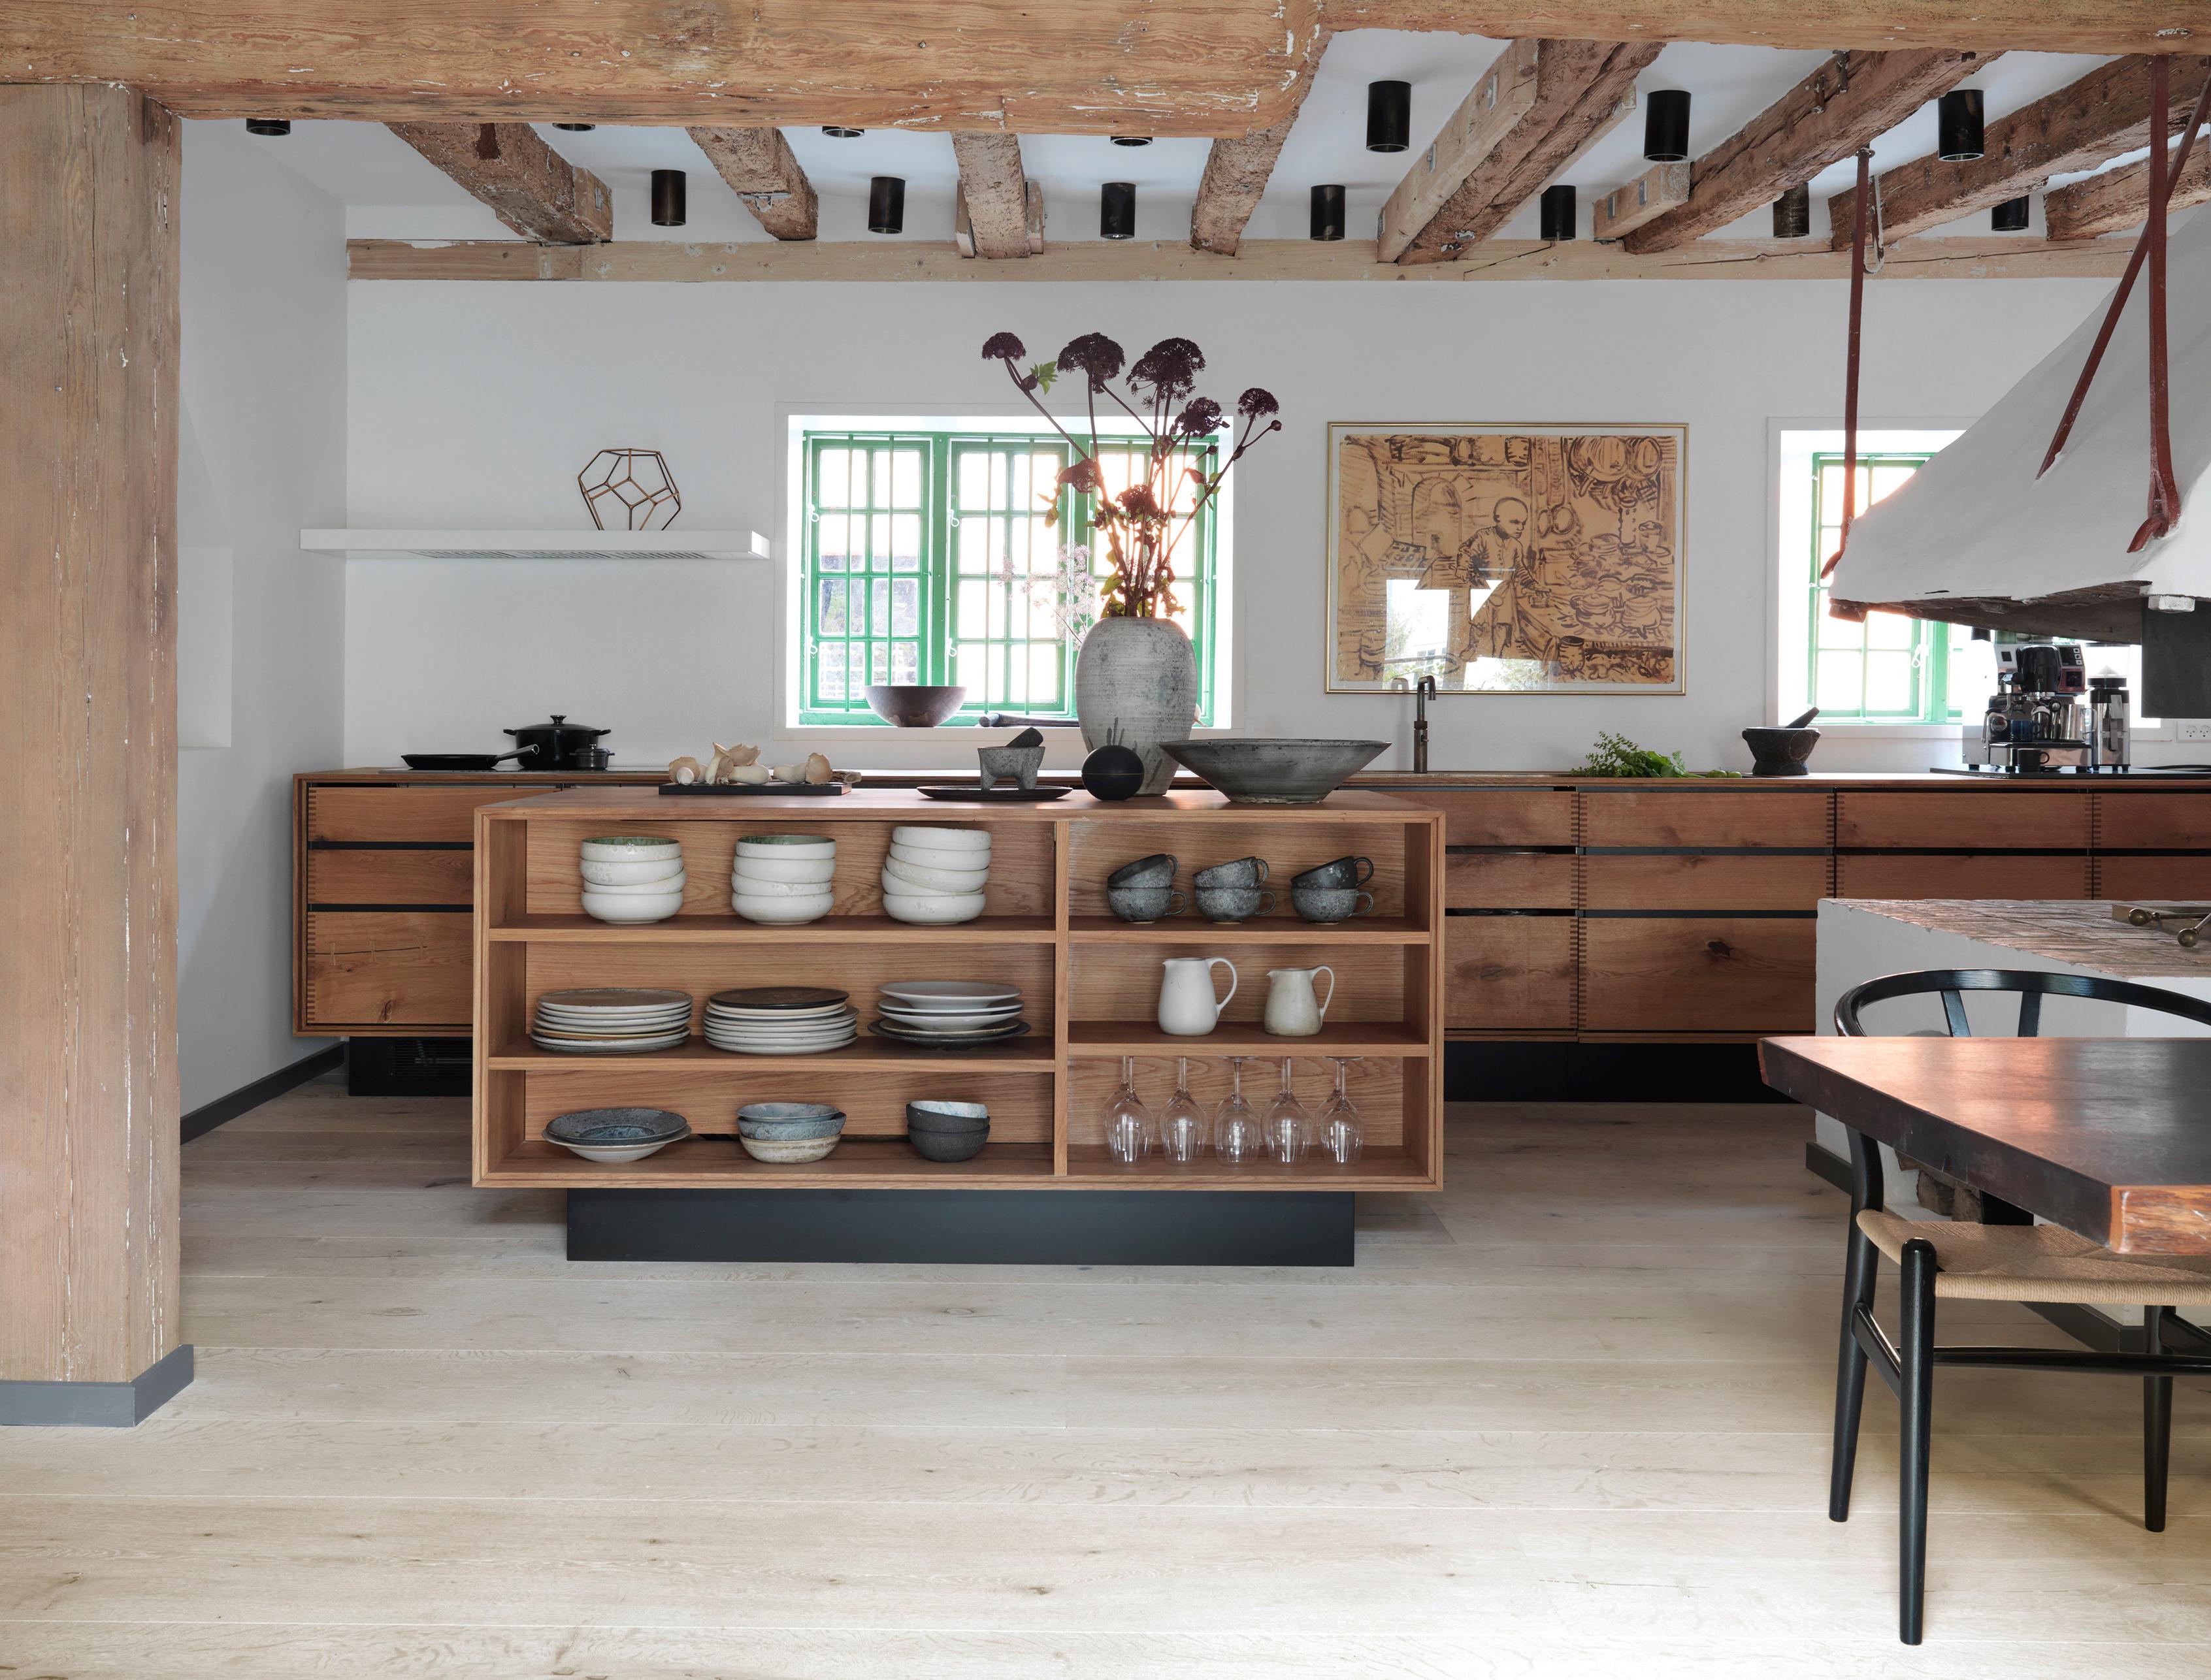 Dänische Küchenmöbel massives eichenholz heartoak dielen dinesen stylepark